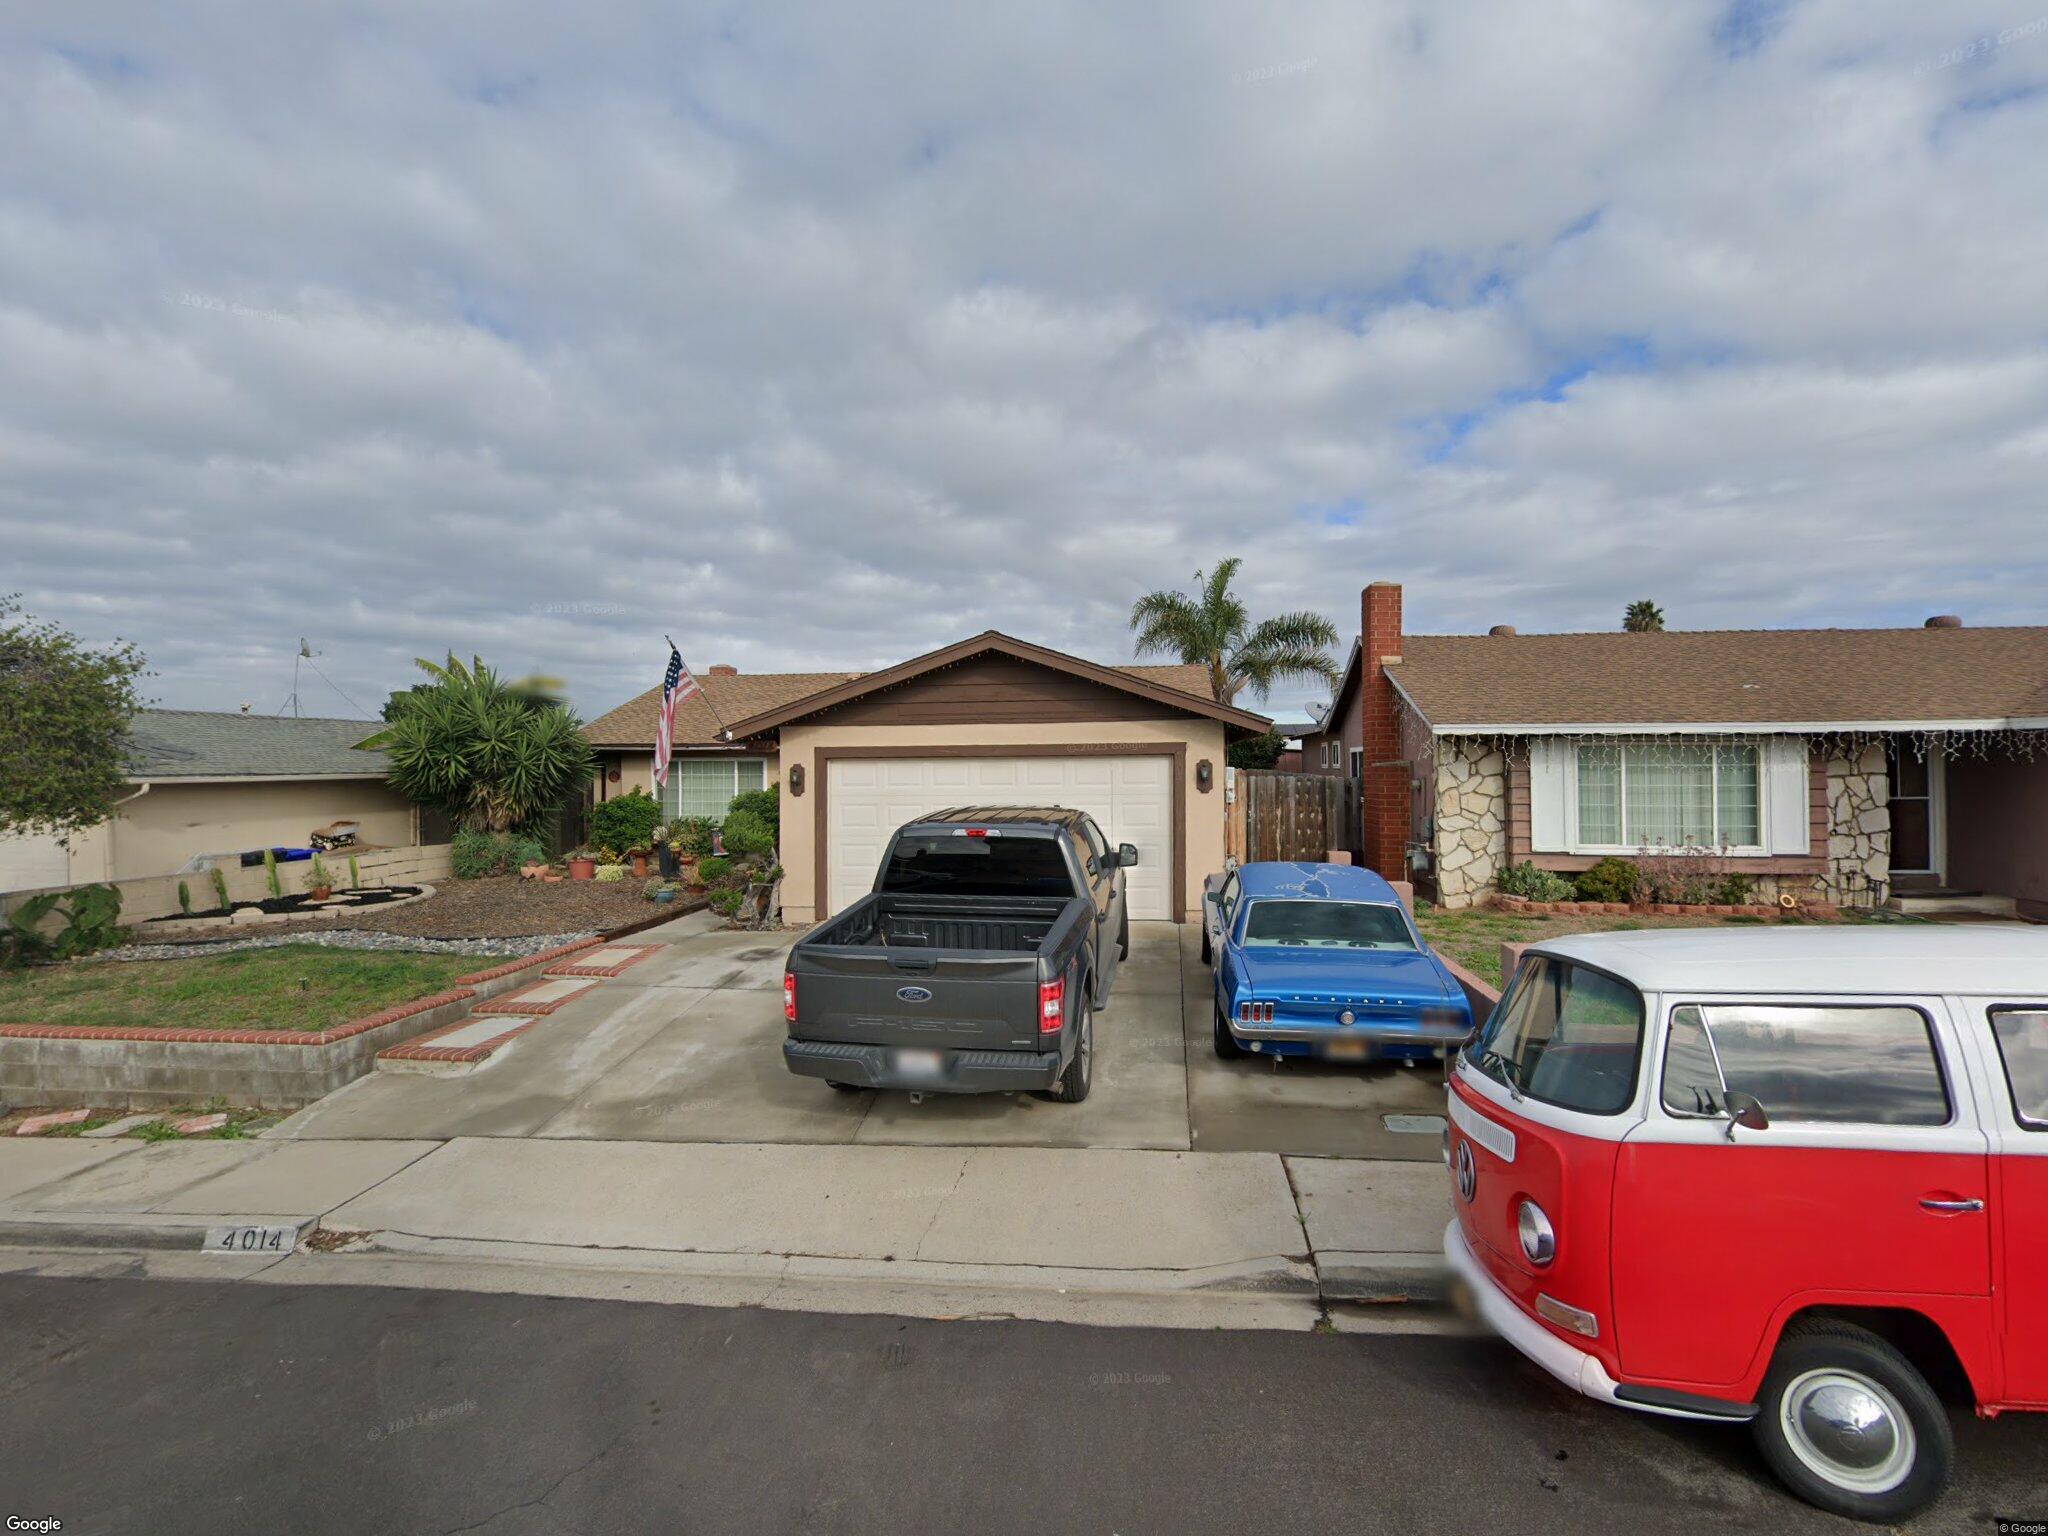 4014 Darwin Ave, San Diego, CA 92154   Trulia